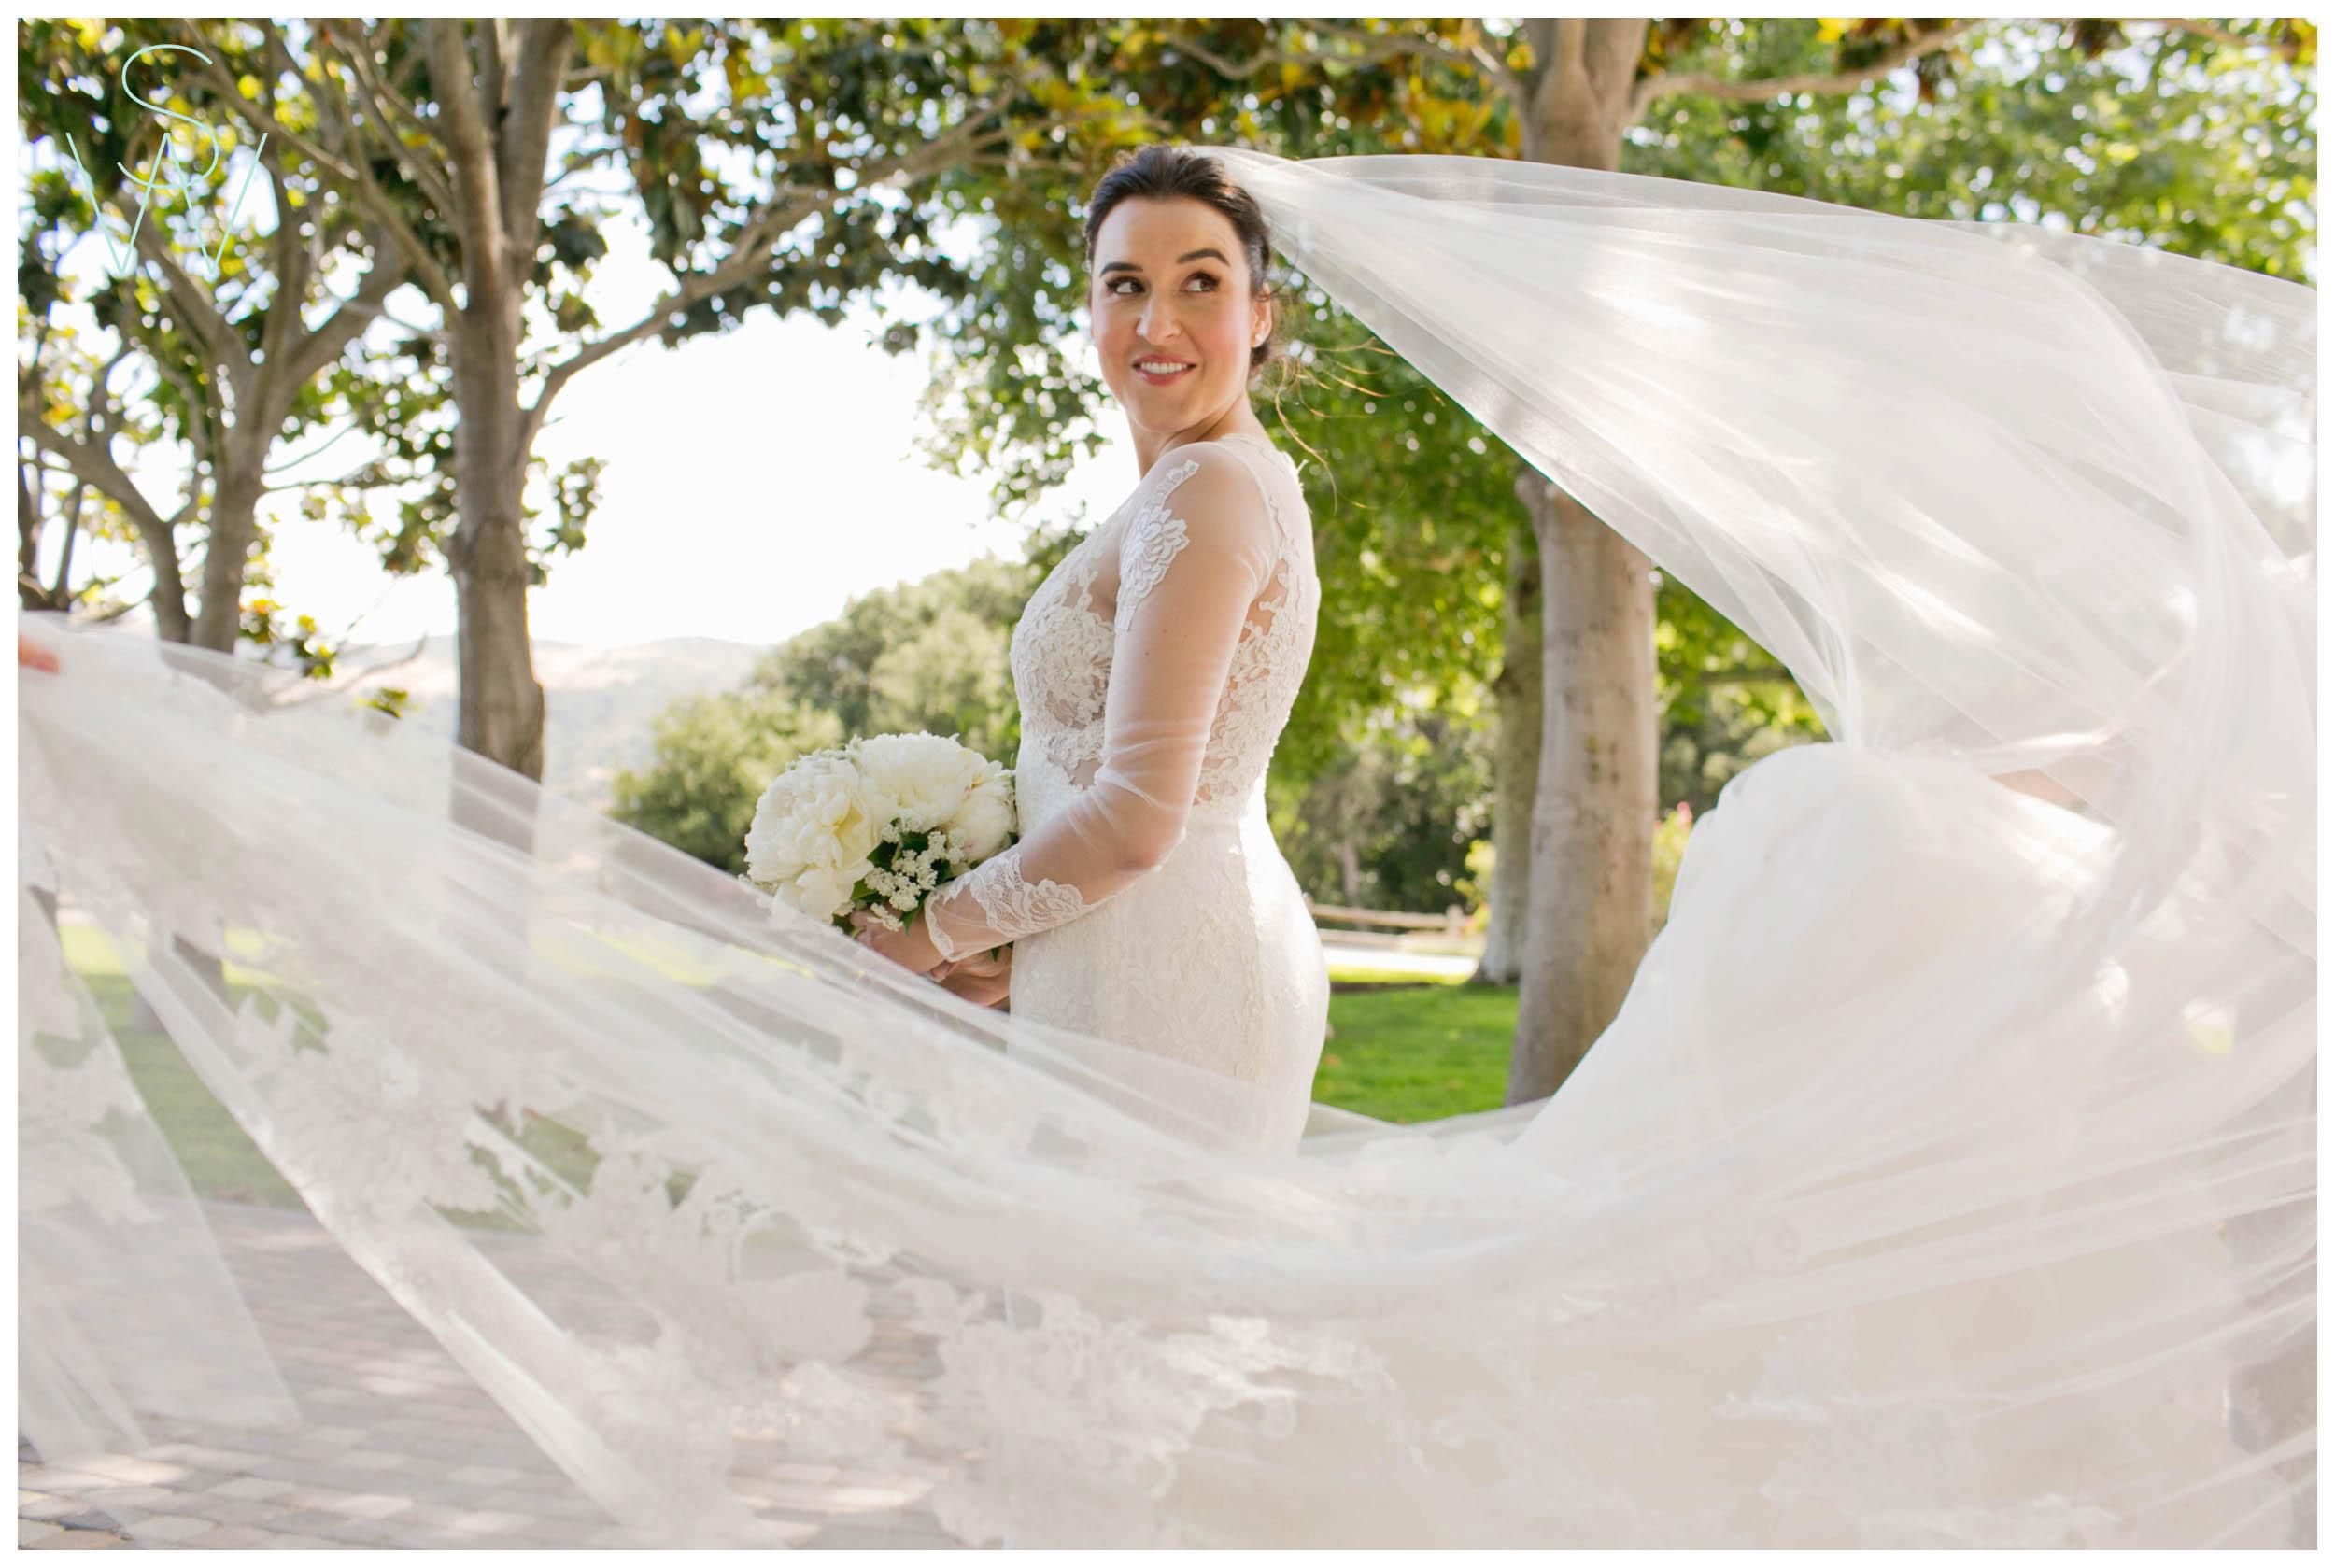 Shewanders.san_.diego_.wedding.photography.private.estate.tara_.jason-3802.jpg.diego_.wedding.photography.private.estate.tara_.jason-380.jpg